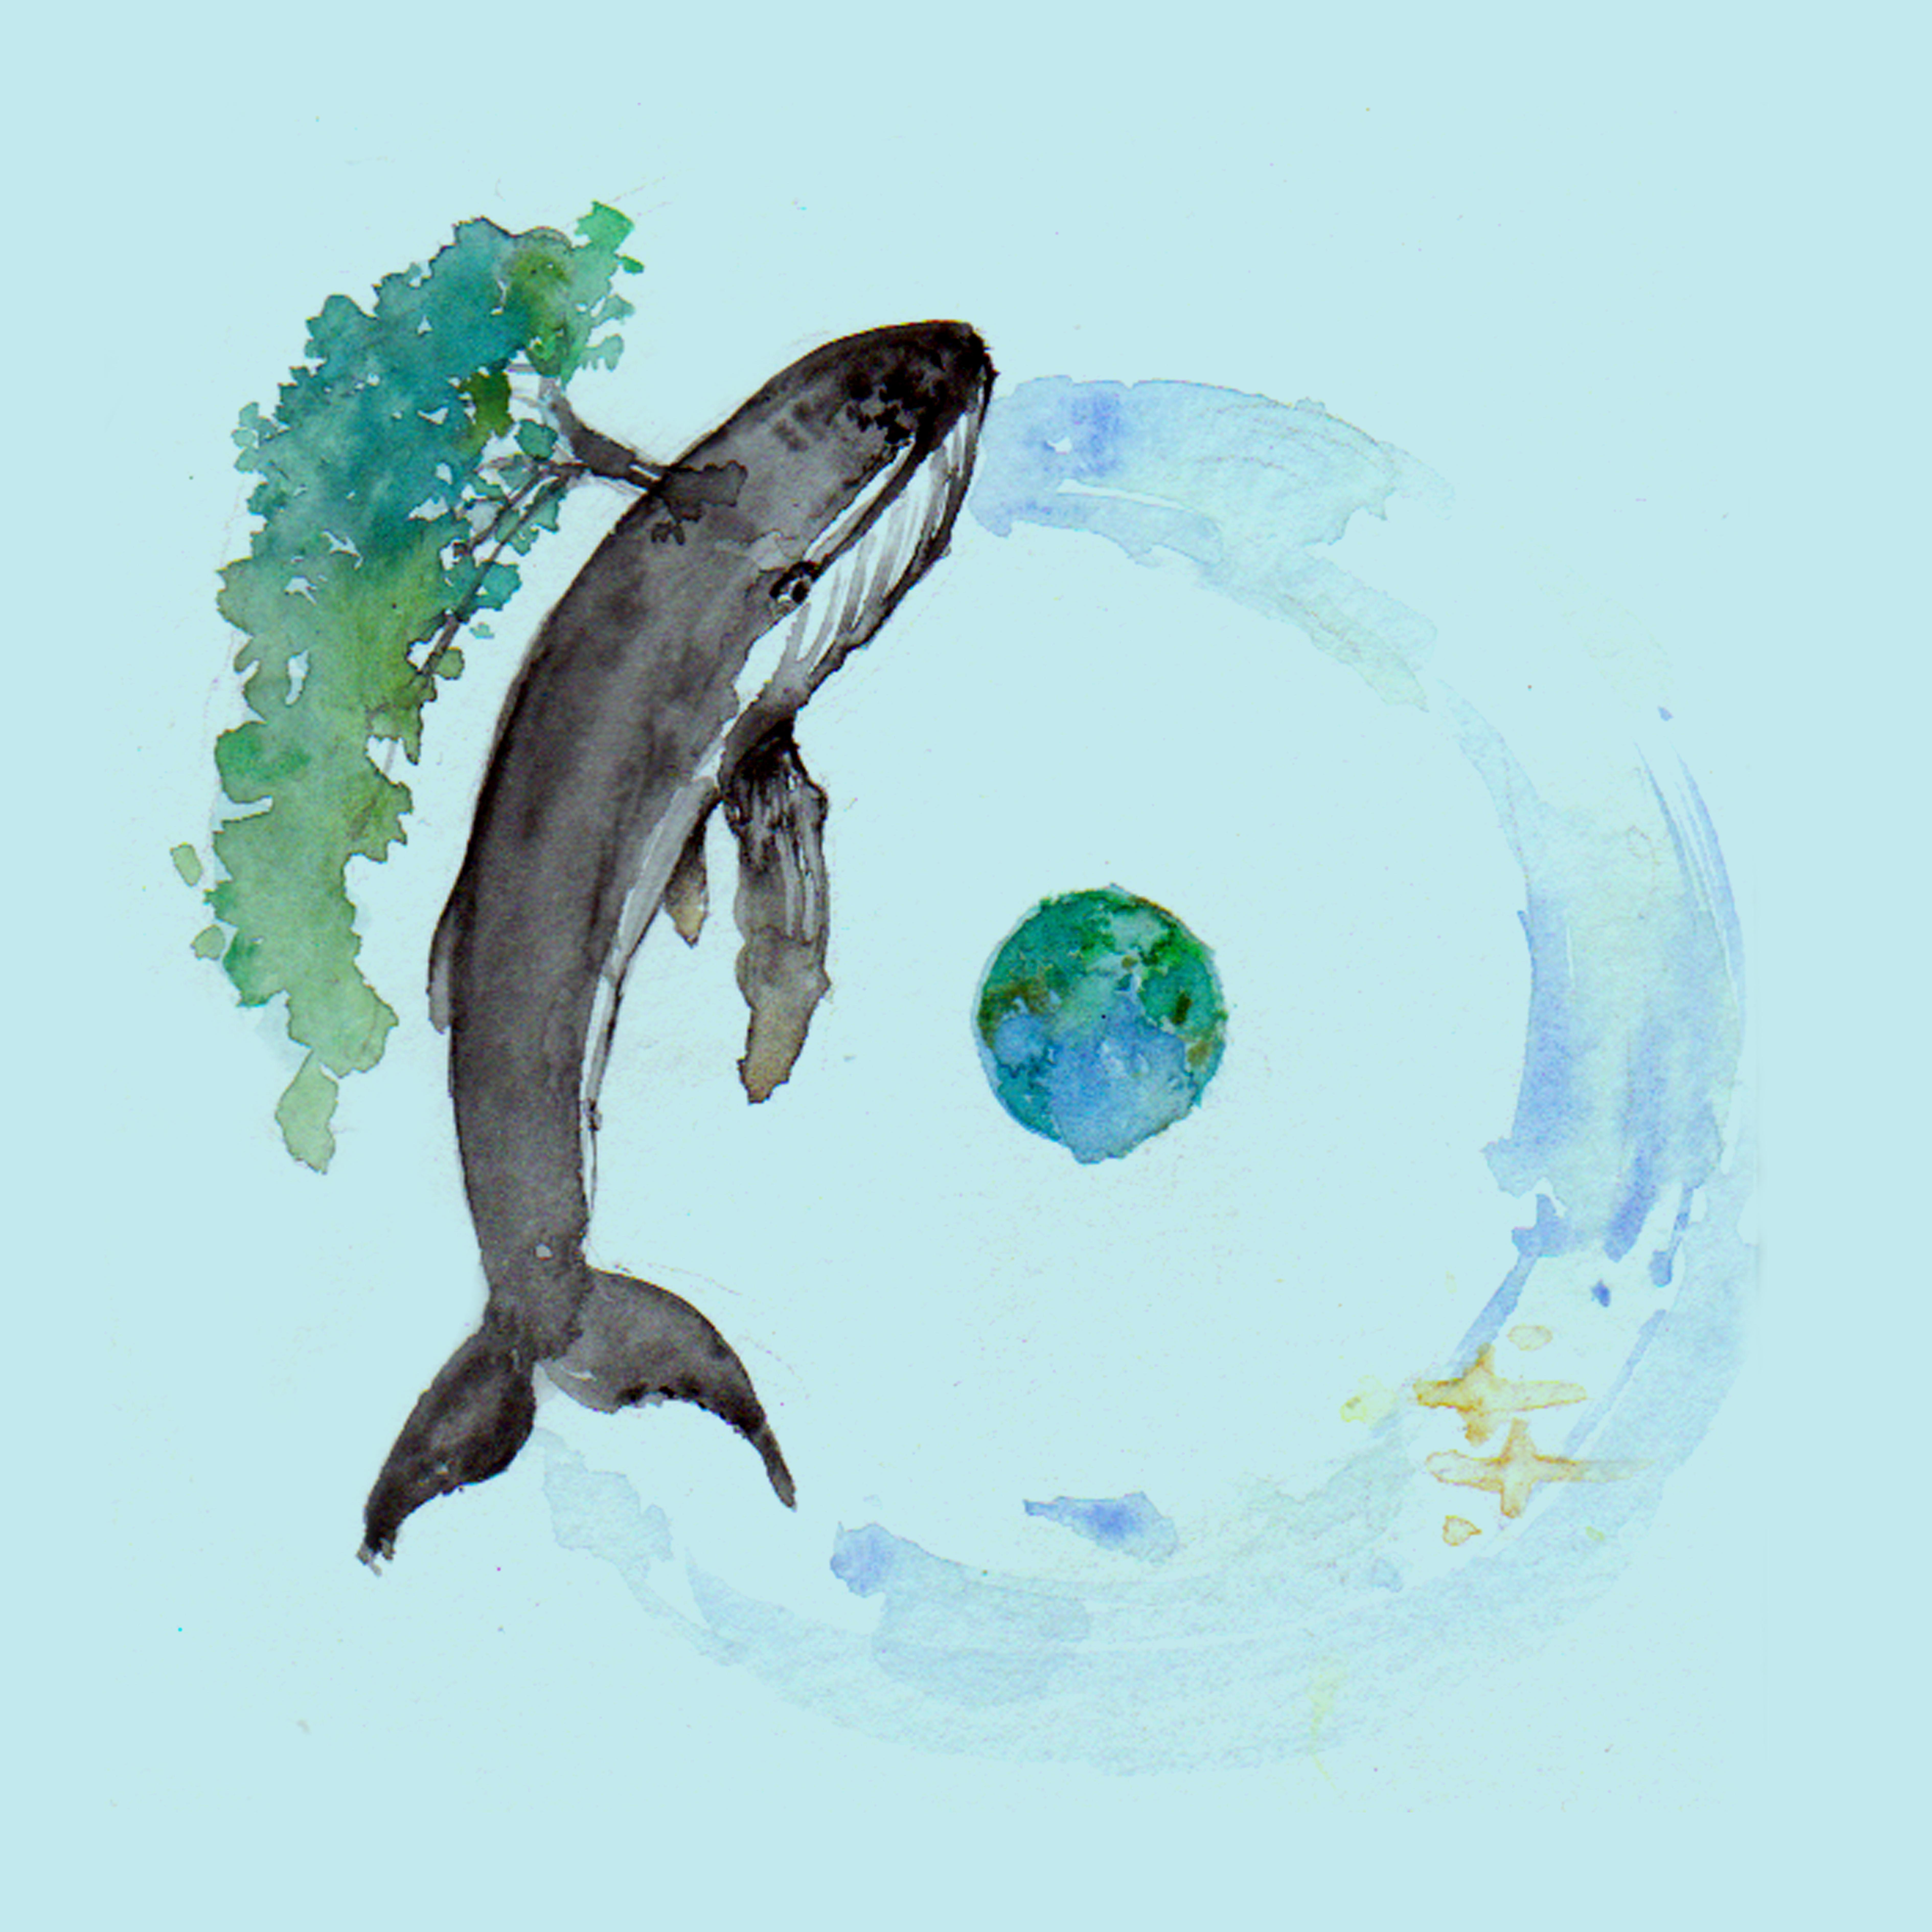 鲸 图片素材